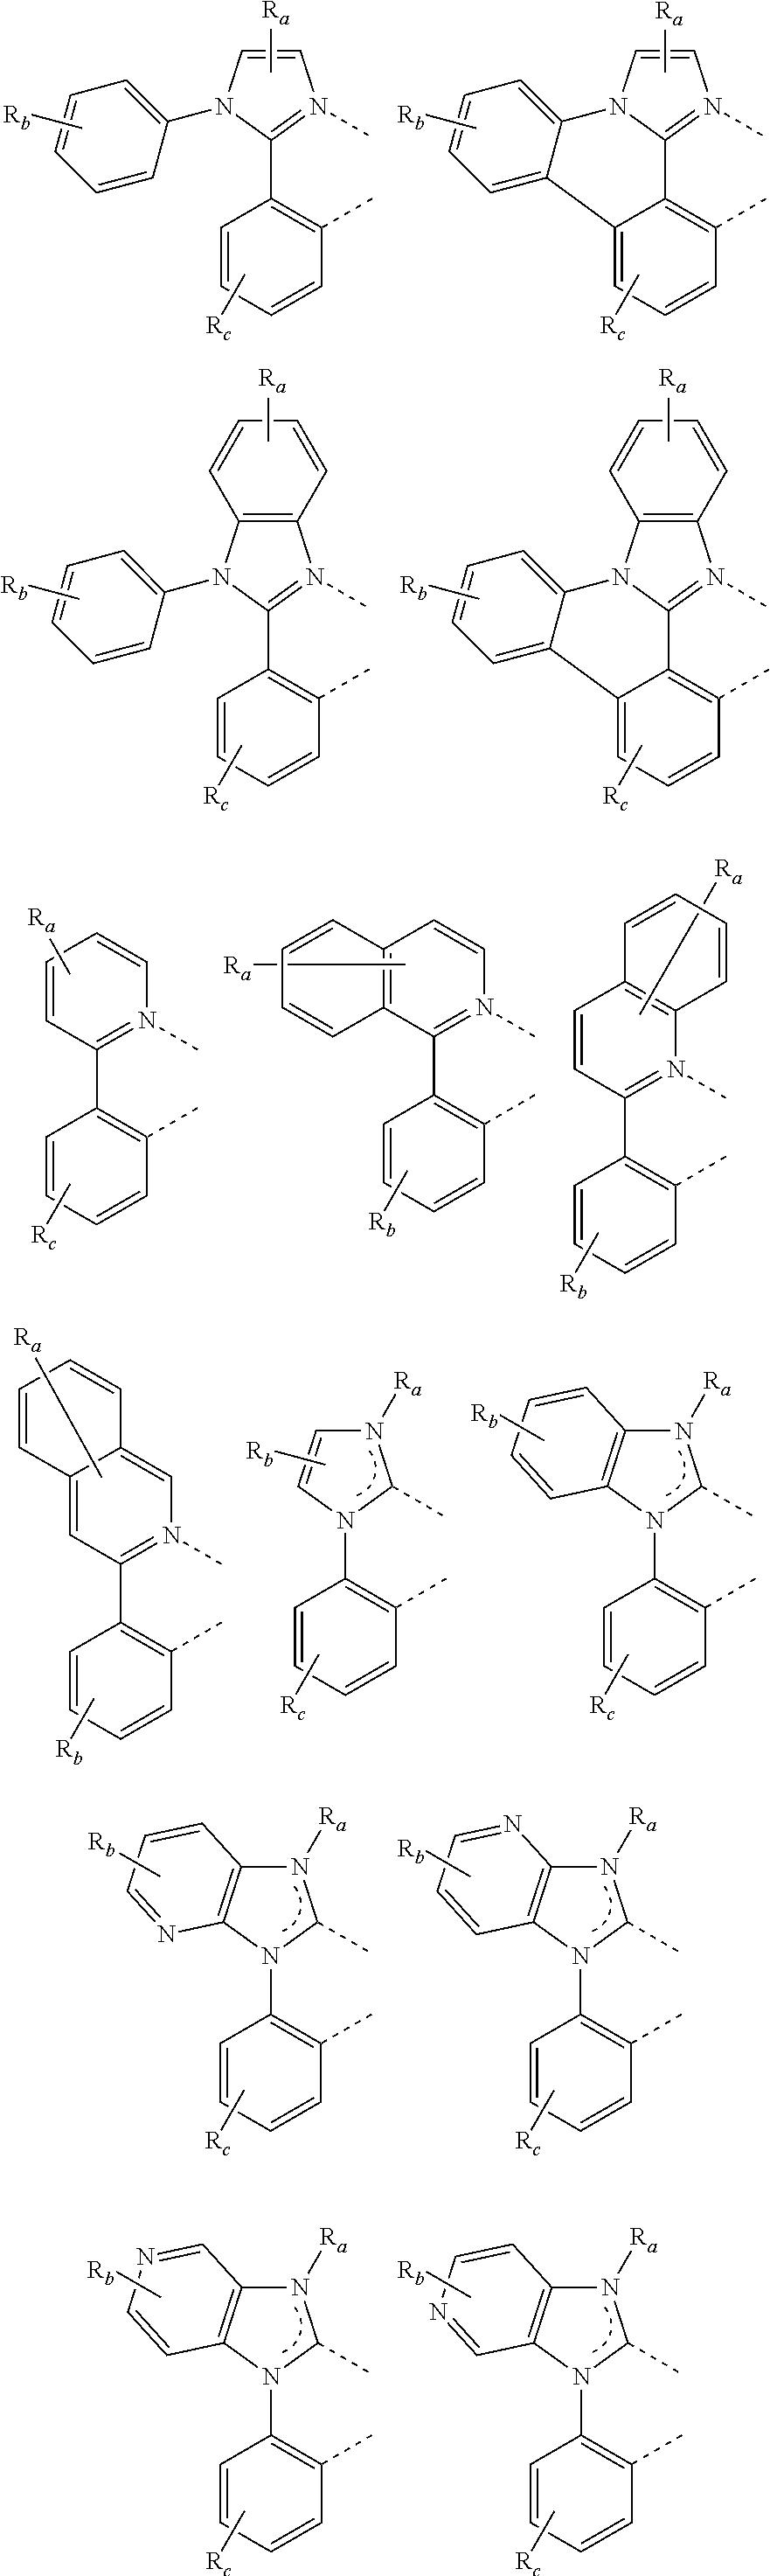 Figure US09972793-20180515-C00005